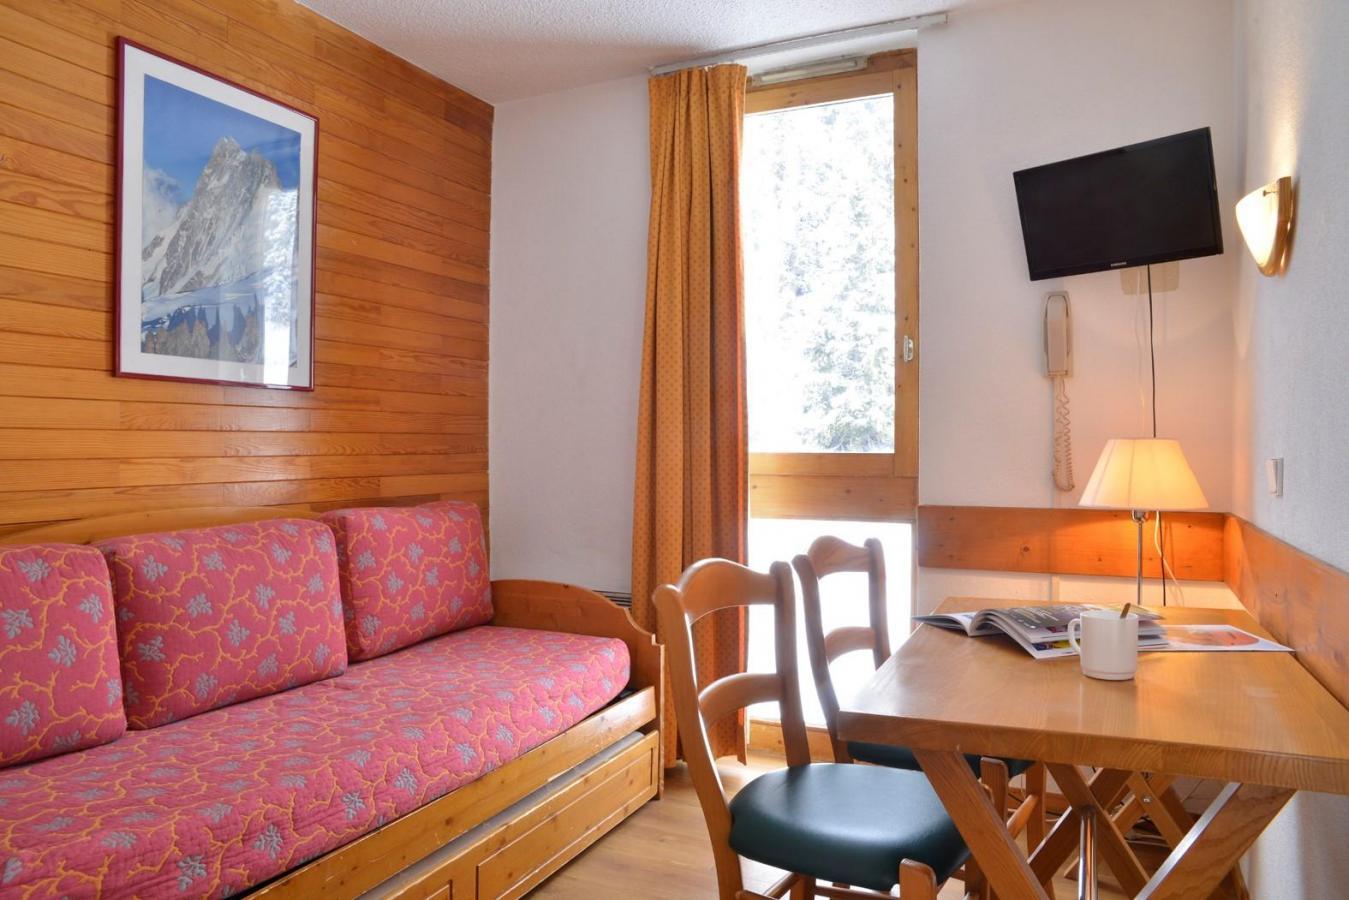 Location au ski Studio 2 personnes (64) - Residence Le Carroley A - La Plagne - Table